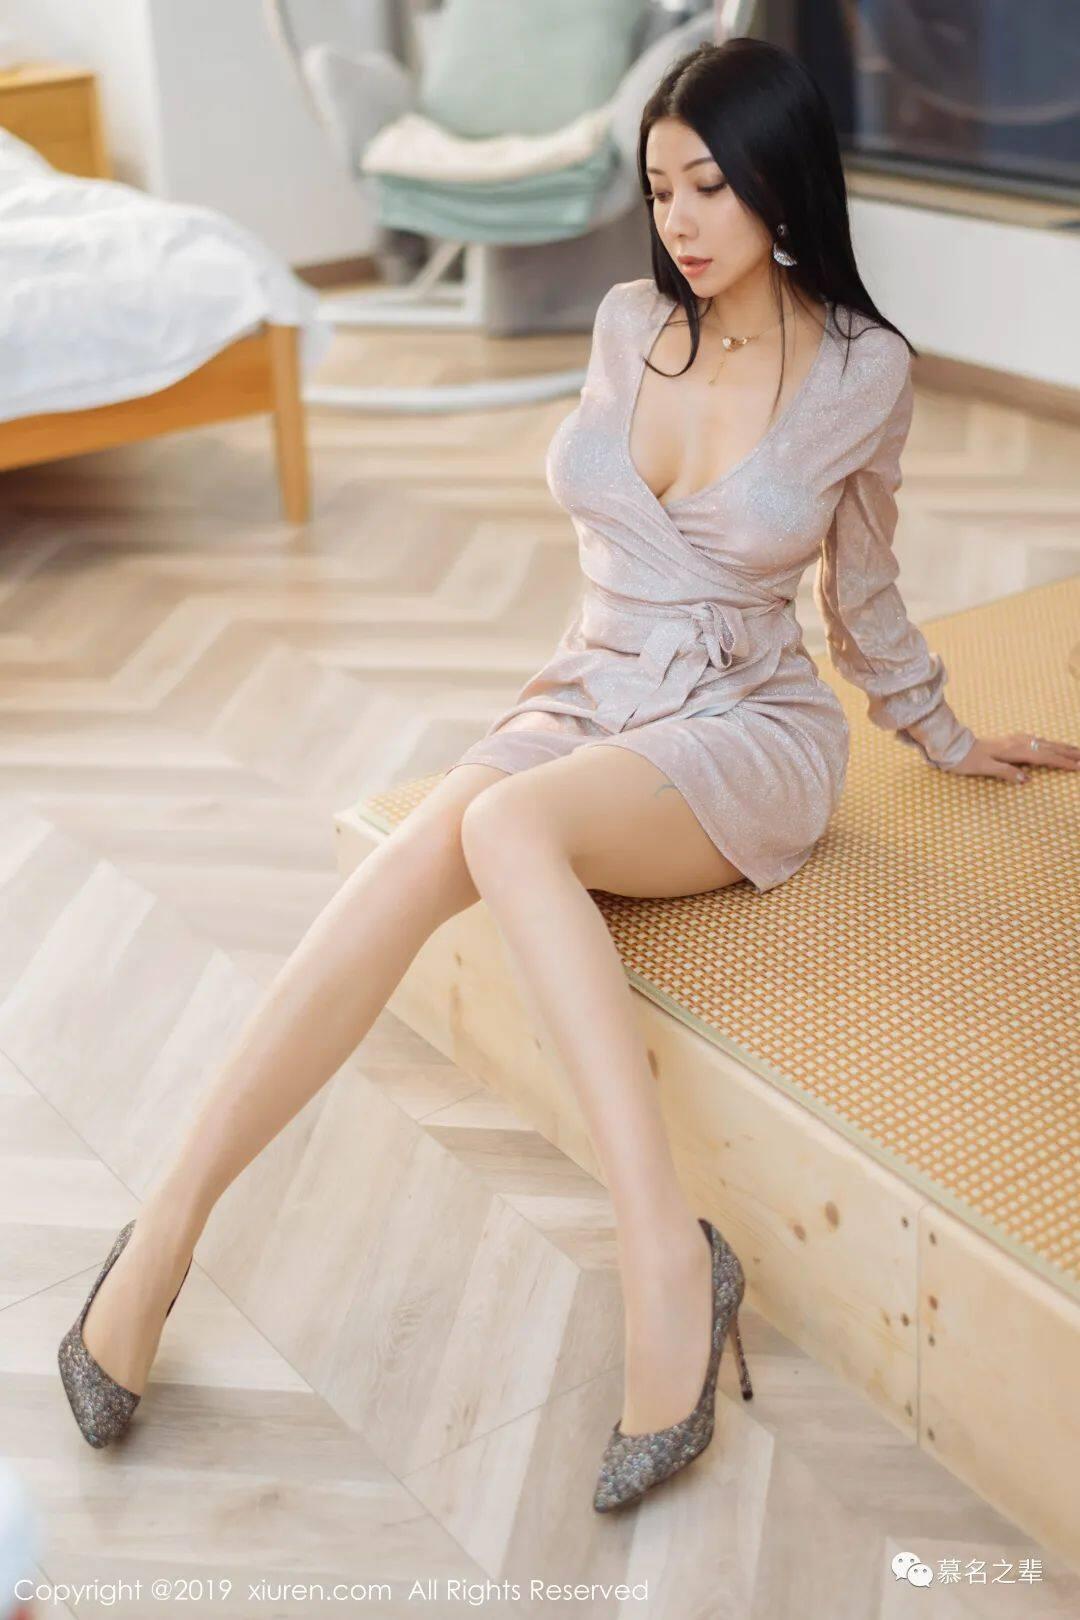 私房模特写真——松果儿Victoria(F罩杯)30